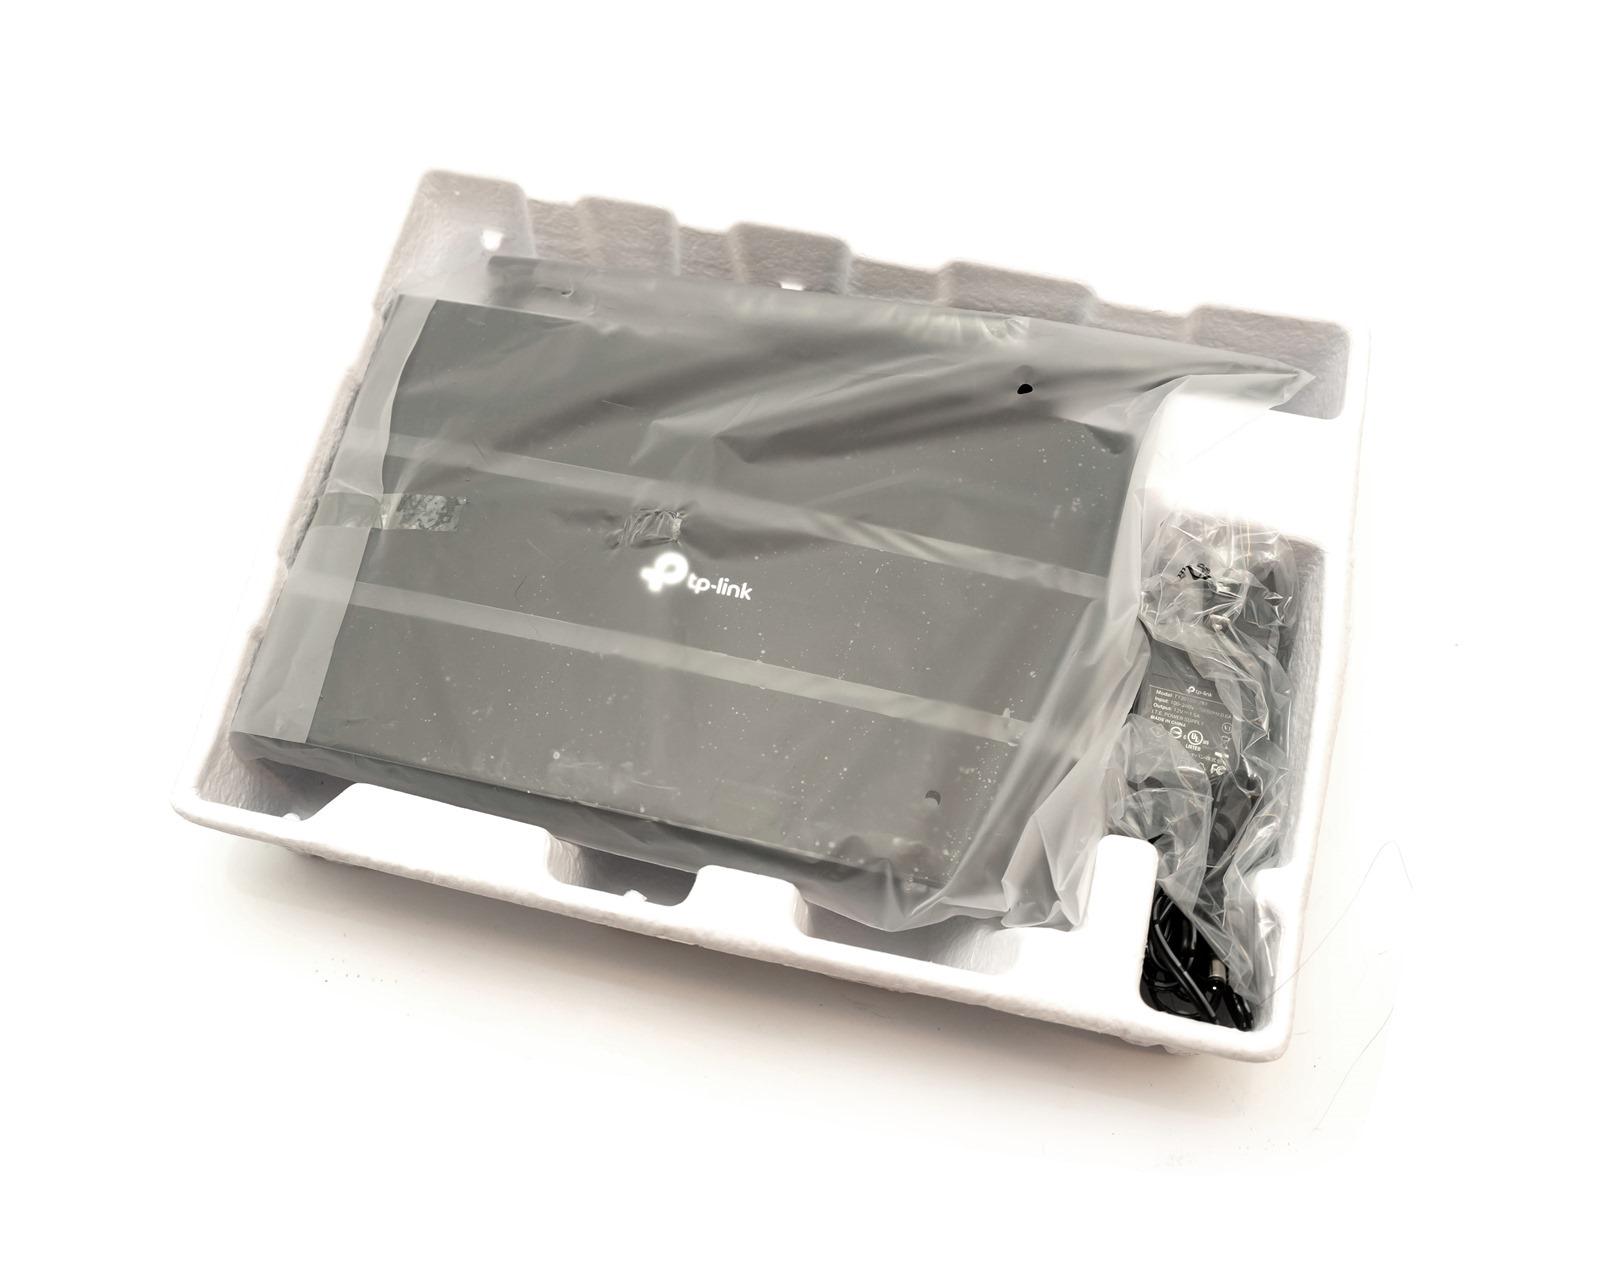 平價高性能 TP-Link Archer A9 AC1900 無線路由器,馬上升級家中高速無線網路 @3C 達人廖阿輝